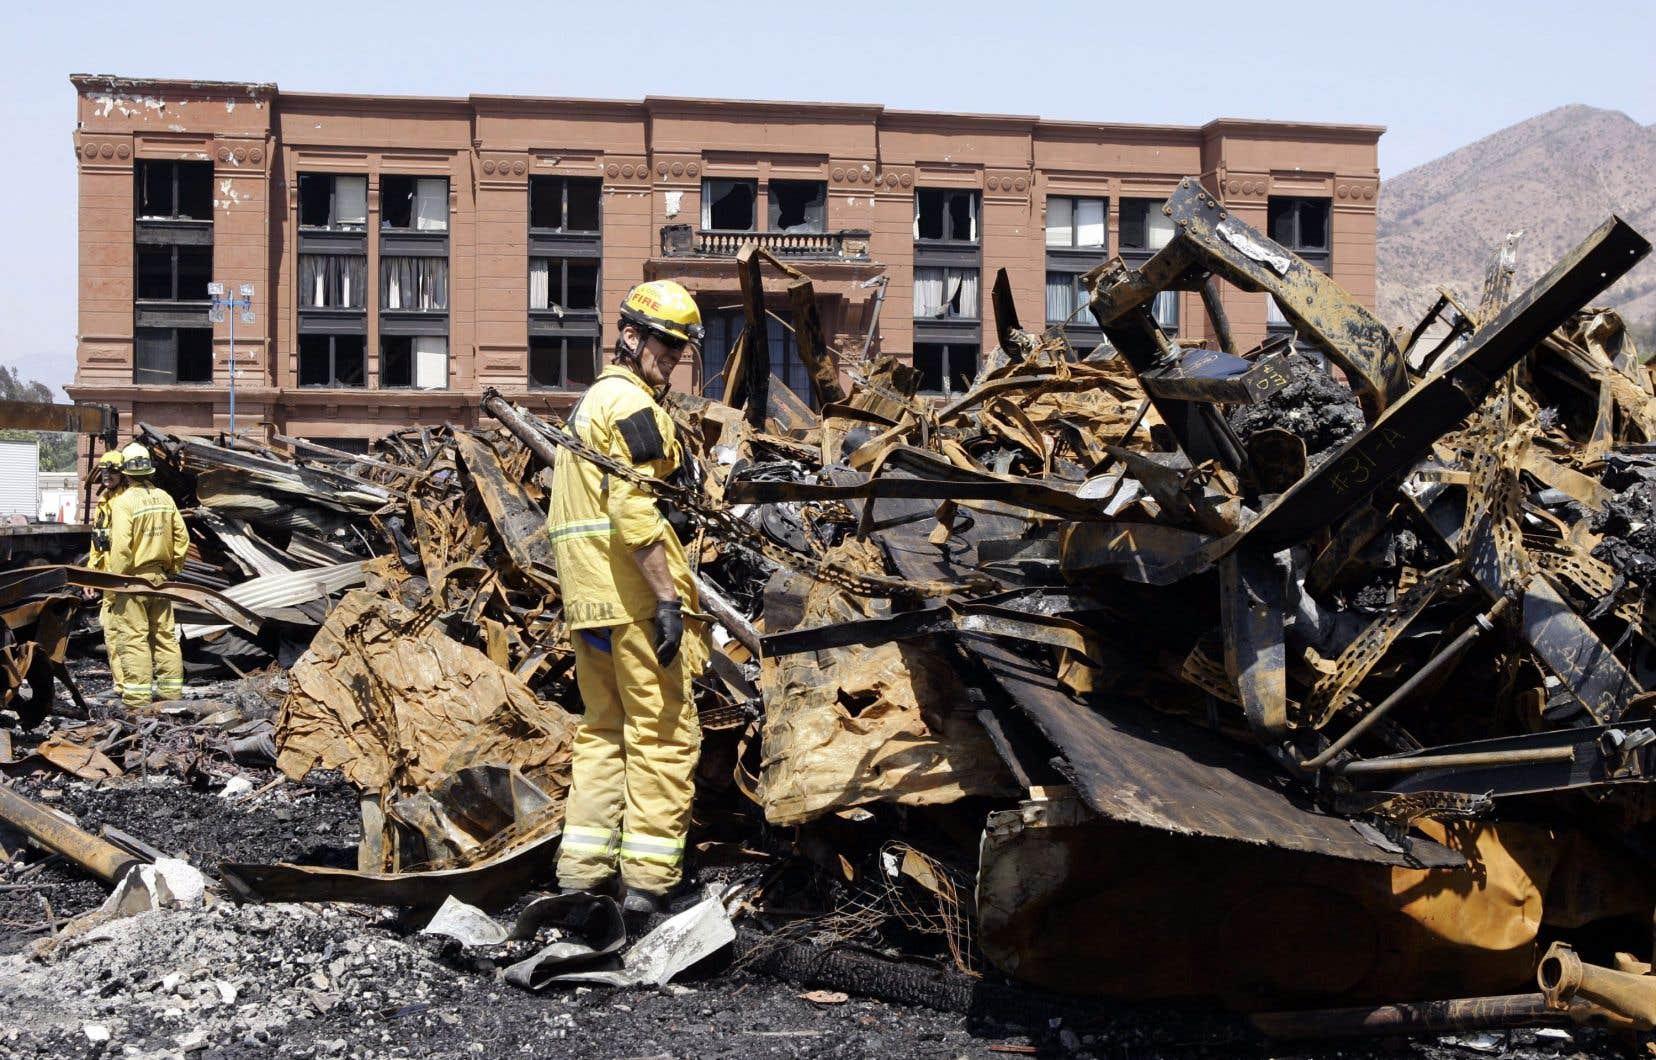 Un groupe d'artistes intentent une poursuite contre Universal Music Group, lui reprochant la perte d'enregistrements originaux lors d'un incendie en 2008.